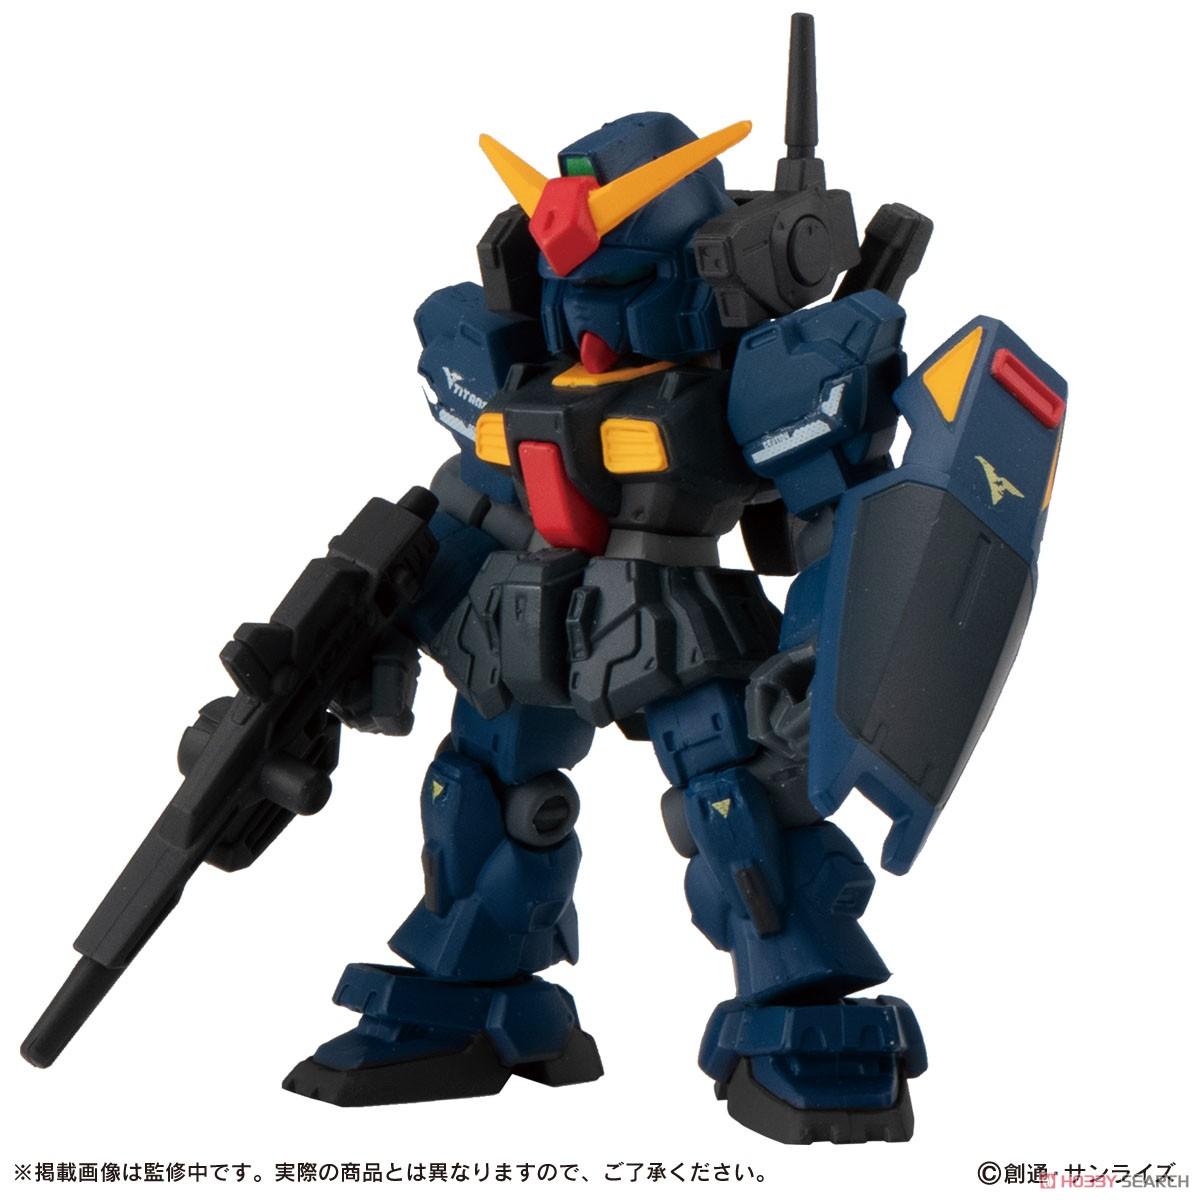 機動戦士ガンダム『MOBILE SUIT ENSEMBLE7.5』デフォルメ可動フィギュア 10個入りBOX-001